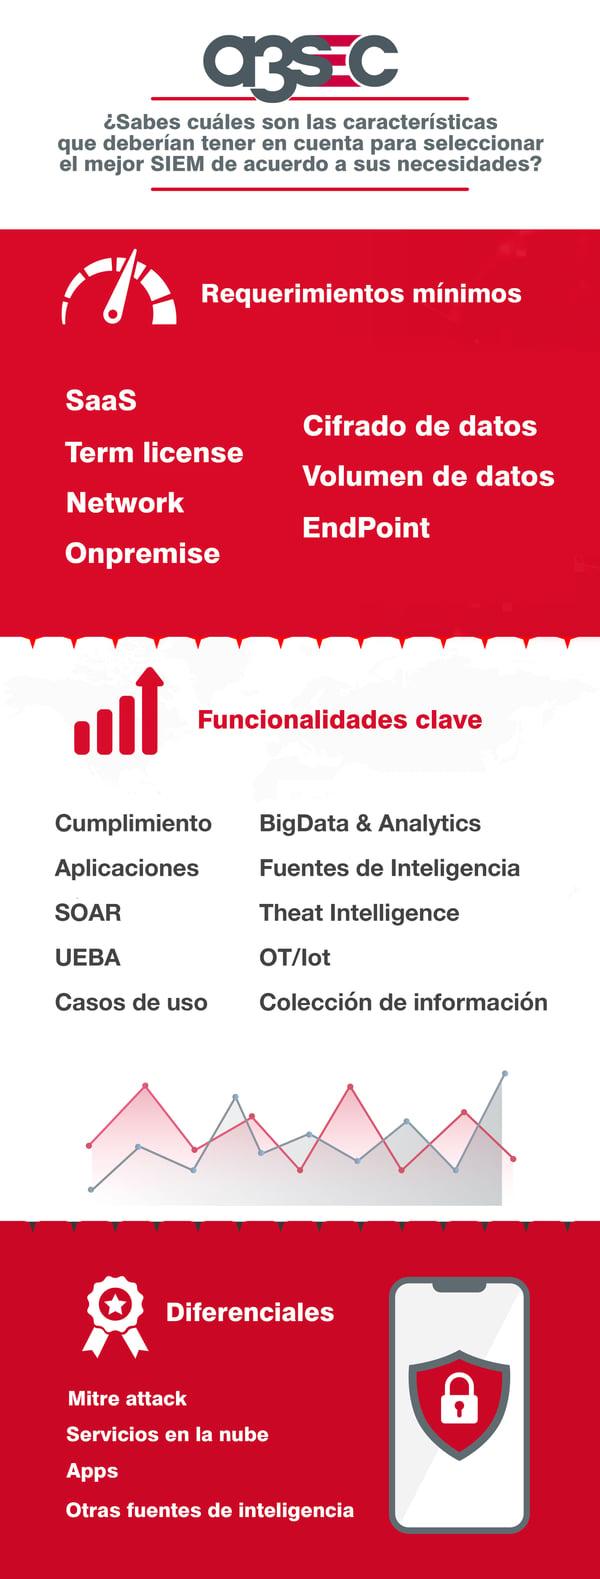 A3Sec_Infografía1_características_v3 copia GRANDE copia